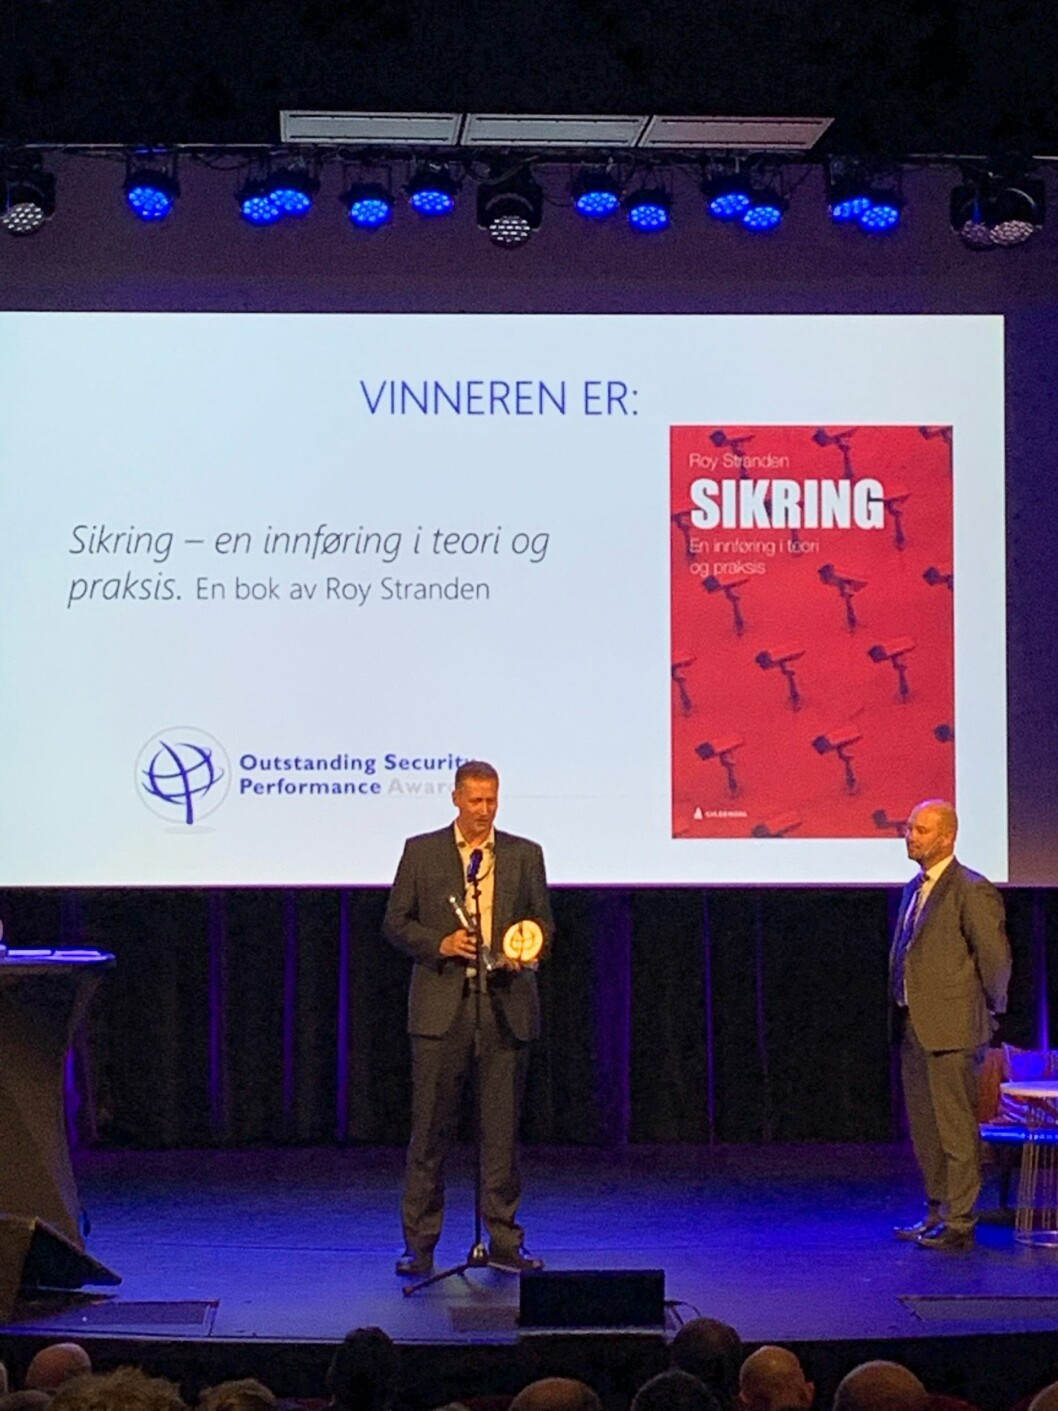 Roy Stranden fikki dag Ospa-pris for sikringsboka gitt ut på Gyldendal (foto: Privat).